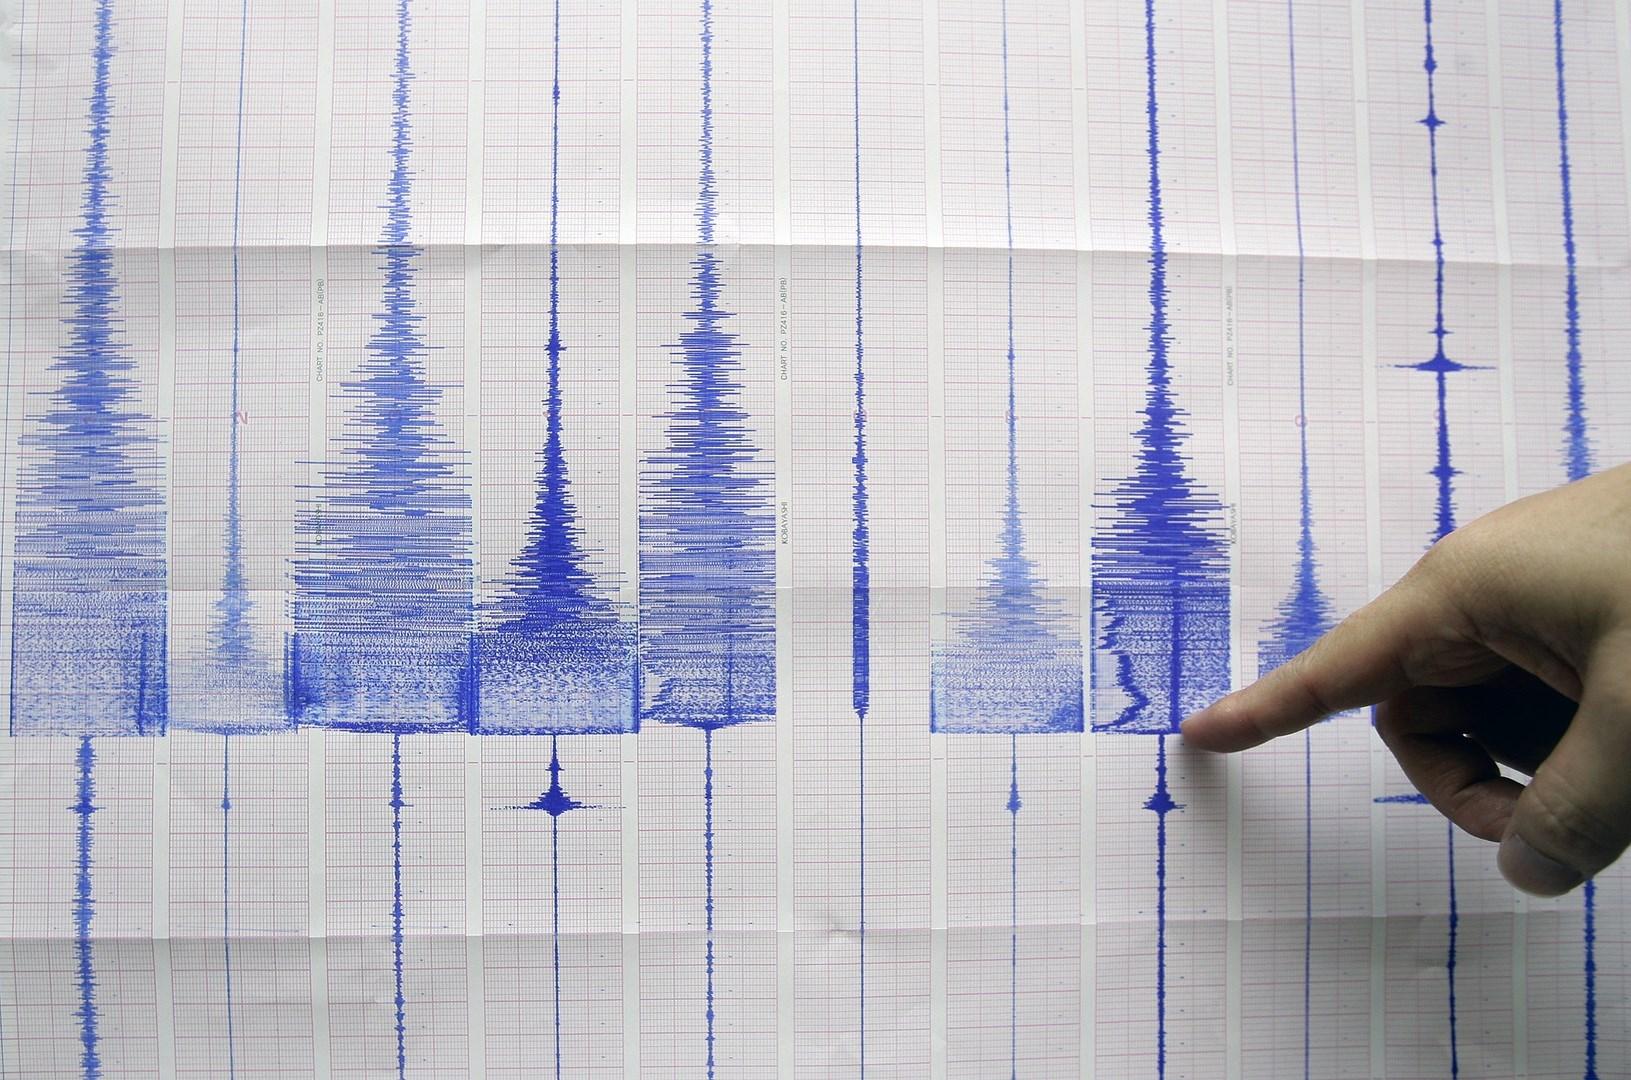 زلزال بقوة 5.2 درجة يضرب جنوبي تركيا